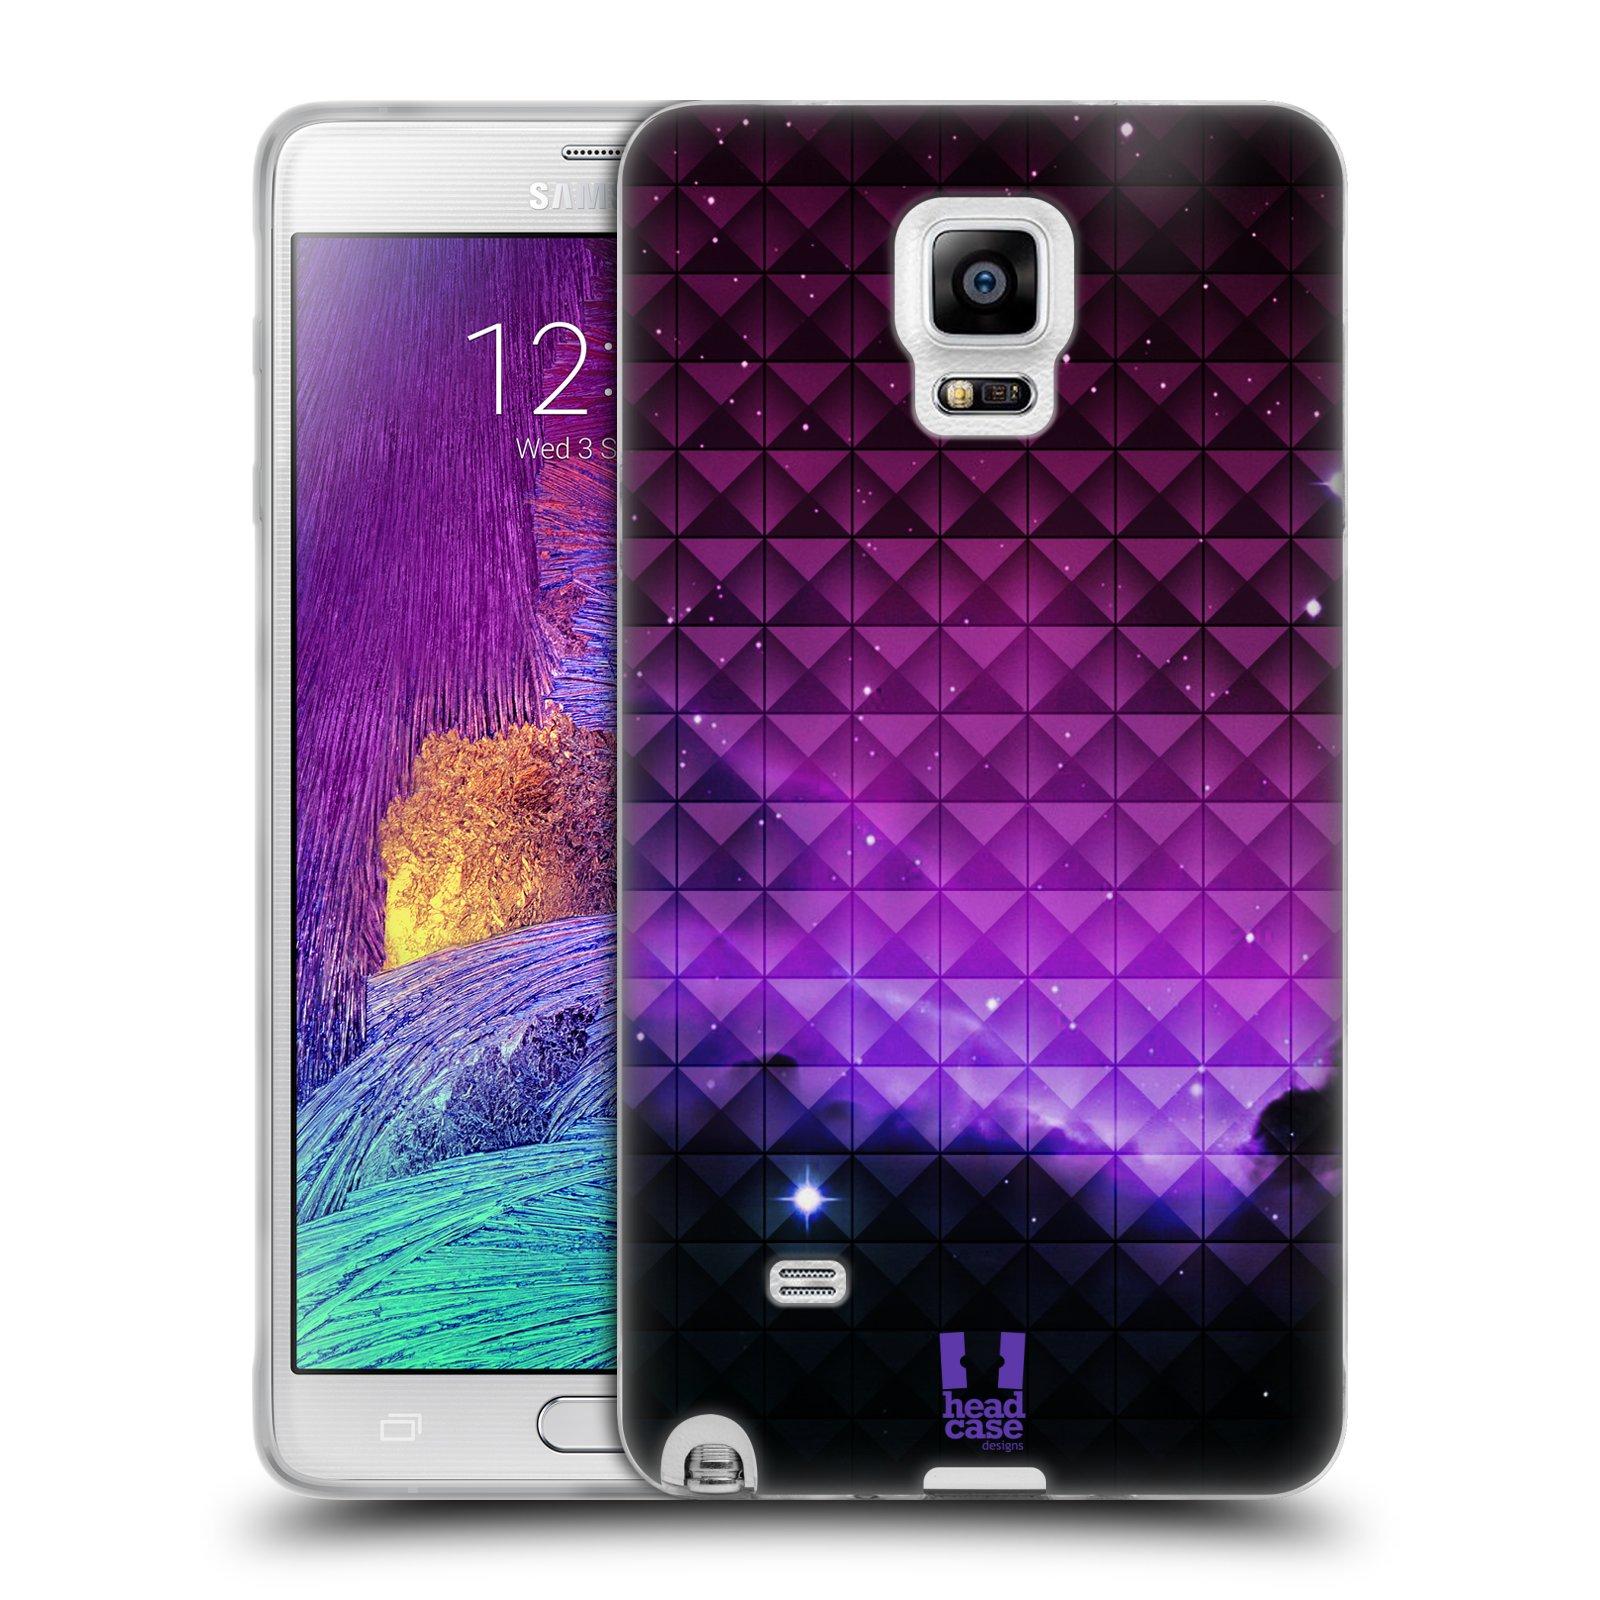 Silikonové pouzdro na mobil Samsung Galaxy Note 4 HEAD CASE PURPLE HAZE (Silikonový kryt či obal na mobilní telefon Samsung Galaxy Note 4 SM-N910F)